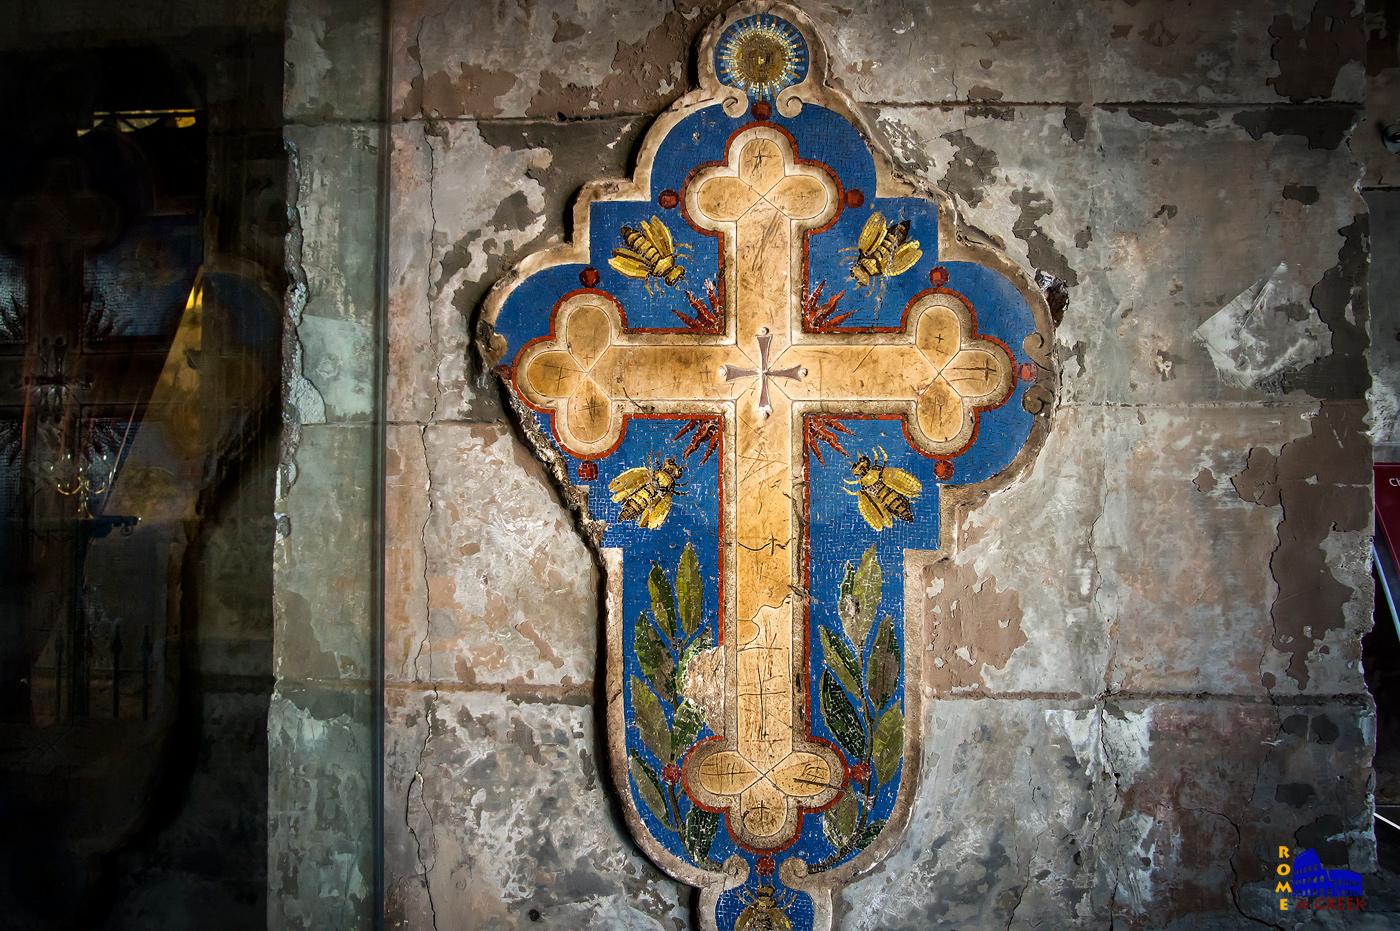 Ο σταυρός του Μπορομίνι. Φιλοτέχνησε ο ίδιος τον σταυρό, ενώ οι διακοσμήσεις στο μπλε φόντο είναι του Giovanni Battista Calandra. Οι μέλισσες και τα φύλλα ελιάς είναι τα σύμβολα των οικογενειών Barberini και Pamphilj, δύο από τις ισχυρότερες της εποχής, όπου είχαν στις τάξεις τους μέχρι και πάπες. Κατά μήκος του περιγράμματος του μωσαϊκού φαίνονται ακόμα τα σημάδια από το σφυρί που χρησιμοποίησε ο Ιννοκέντιος Ι΄κατά το Ιωβηλαίο Έτος του 1649 για να σπάσει τις σφραγίδες που κρατούσαν την Αγία Θύρα κλειστή.